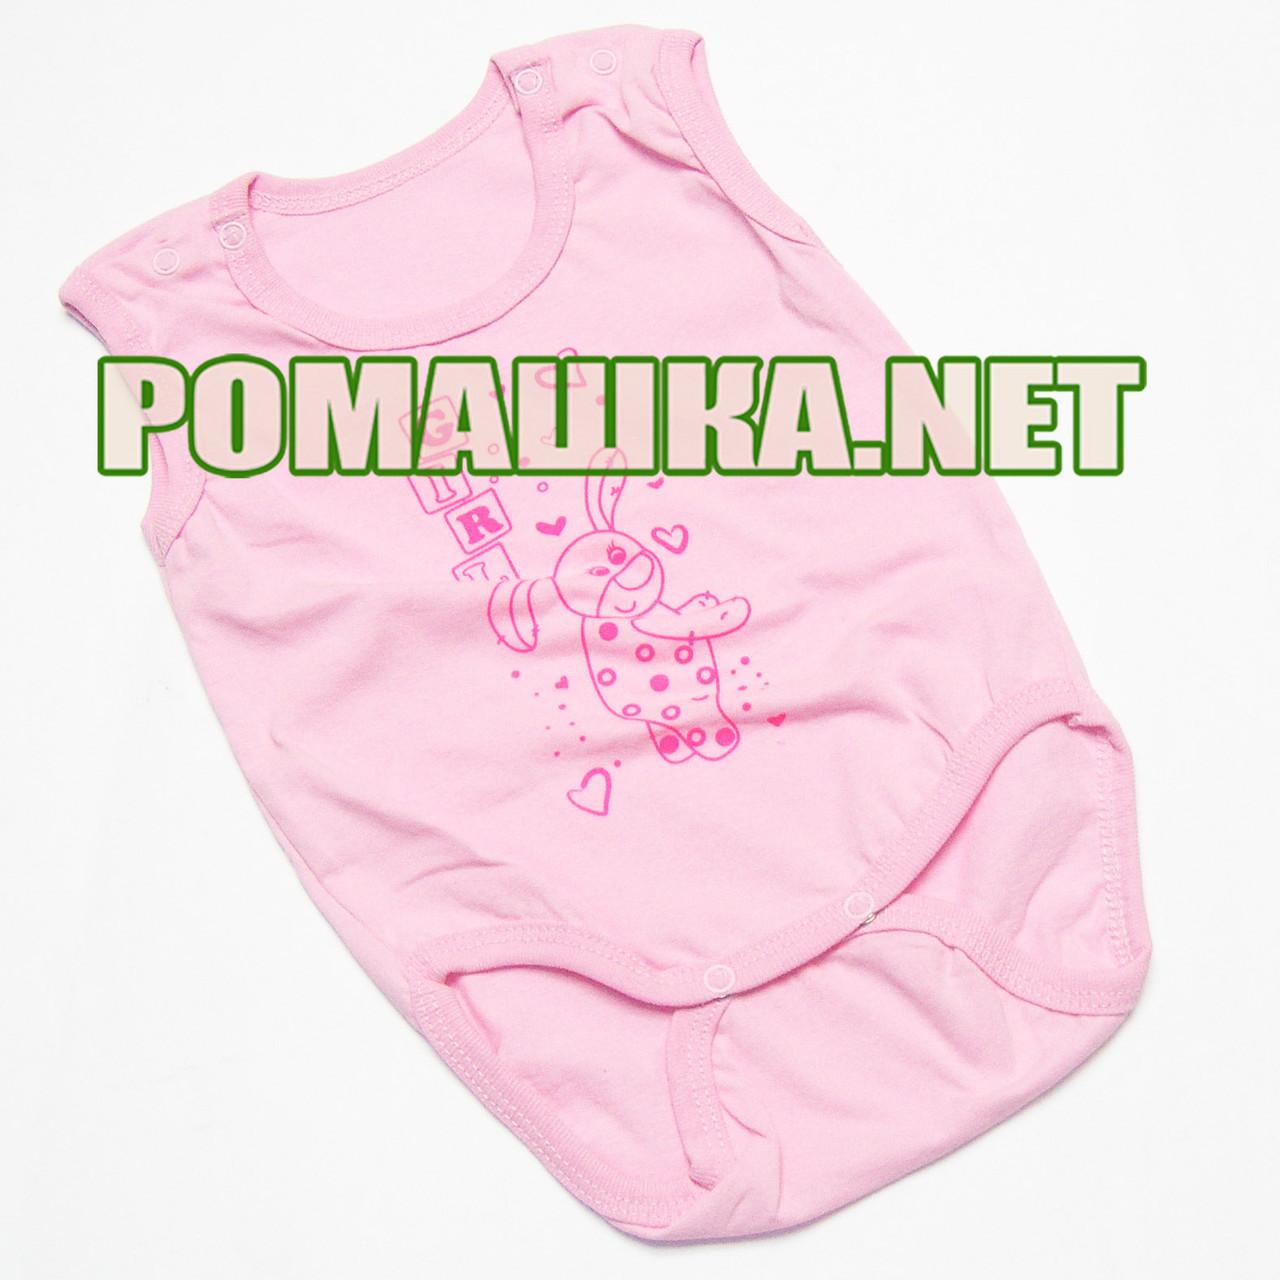 Детский боди-майка р. 74 ткань КУЛИР 100% тонкий хлопок ТМ Авекс 3091 Розовый В